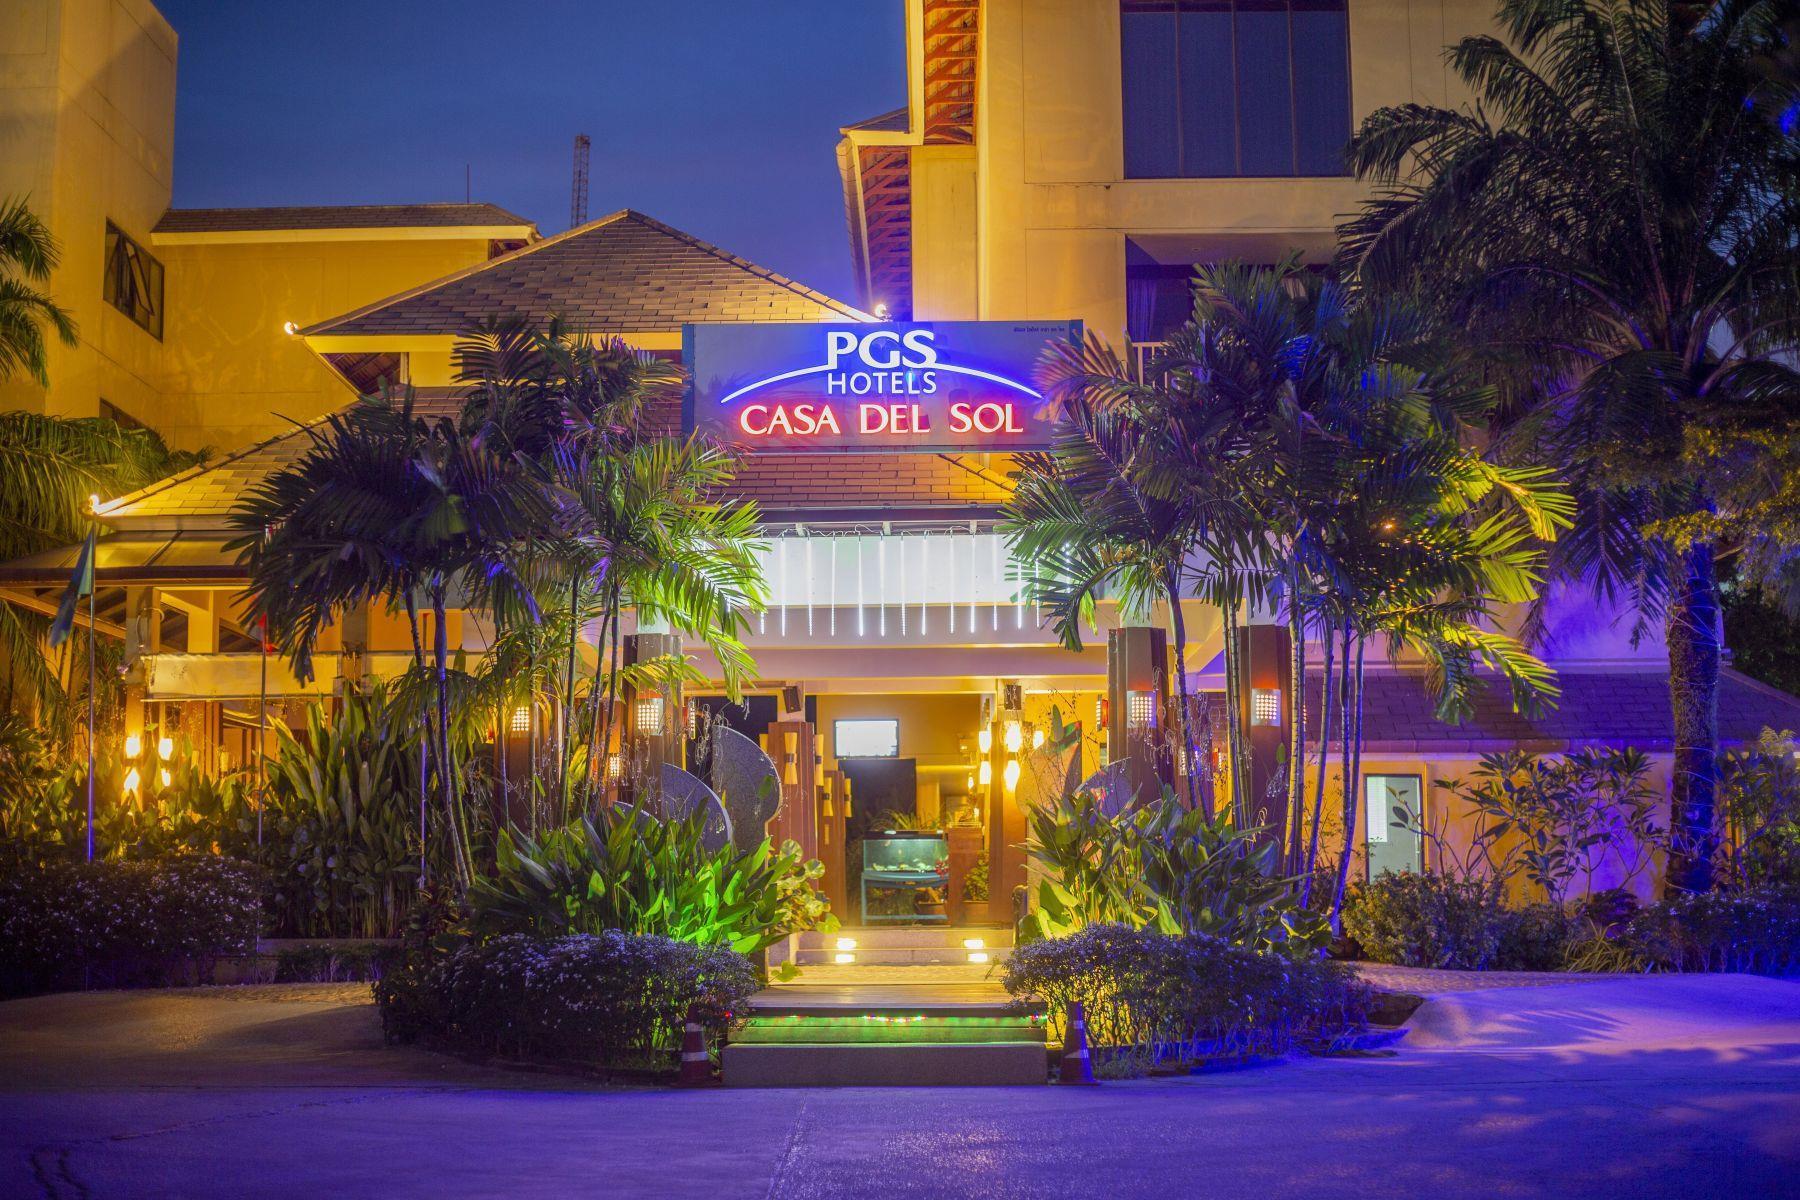 Фото PGS Hotels Casa del Sol